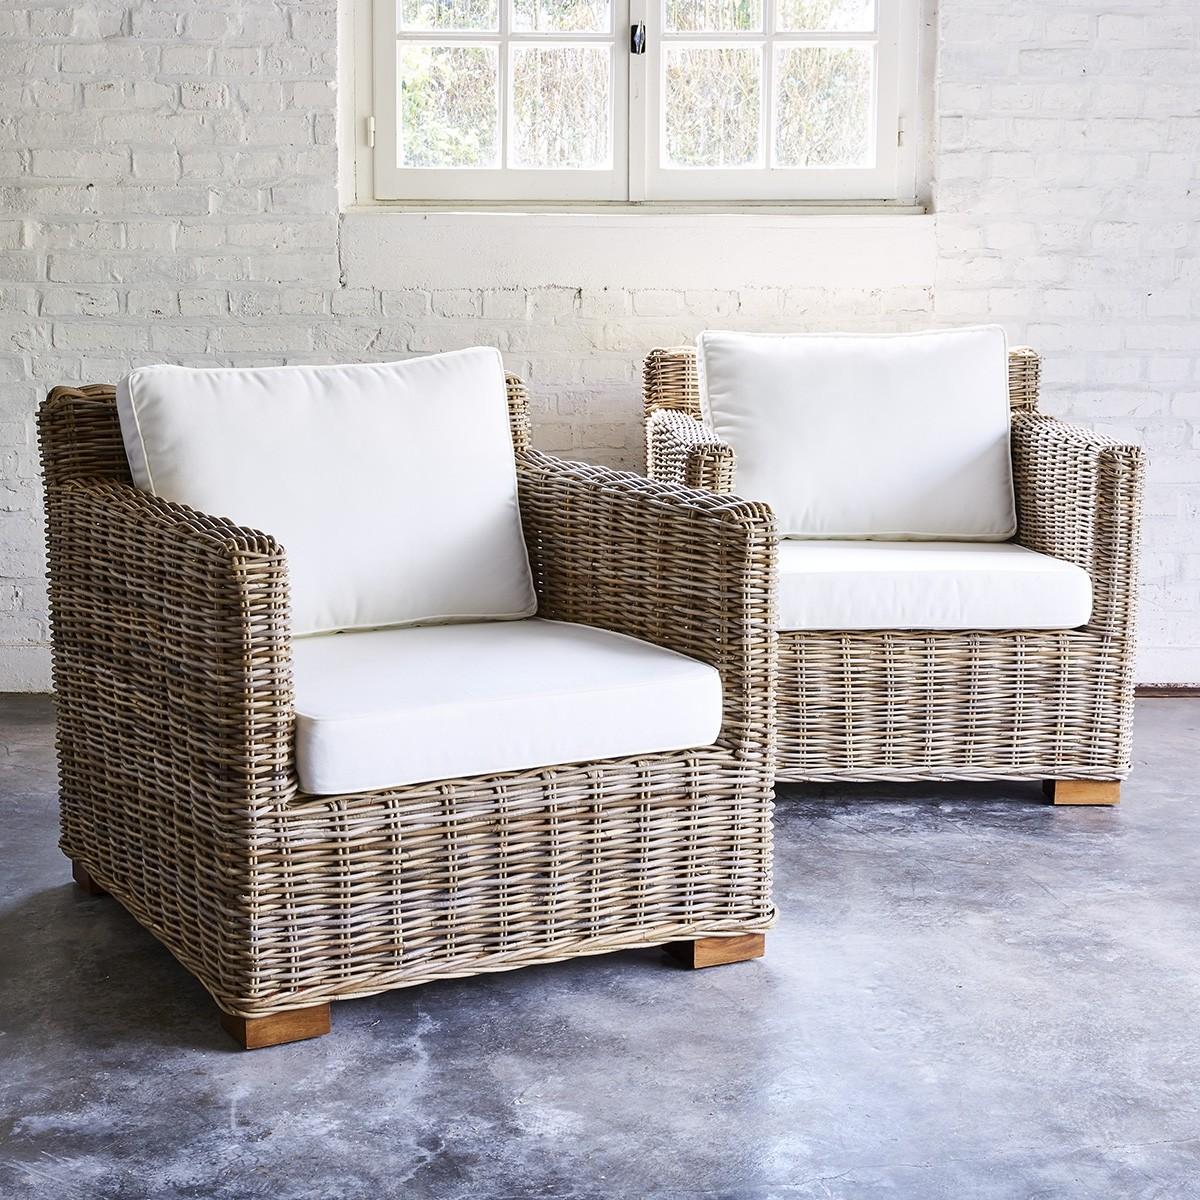 lot de 2 fauteuils en kubu naturel bois dessus bois dessous. Black Bedroom Furniture Sets. Home Design Ideas